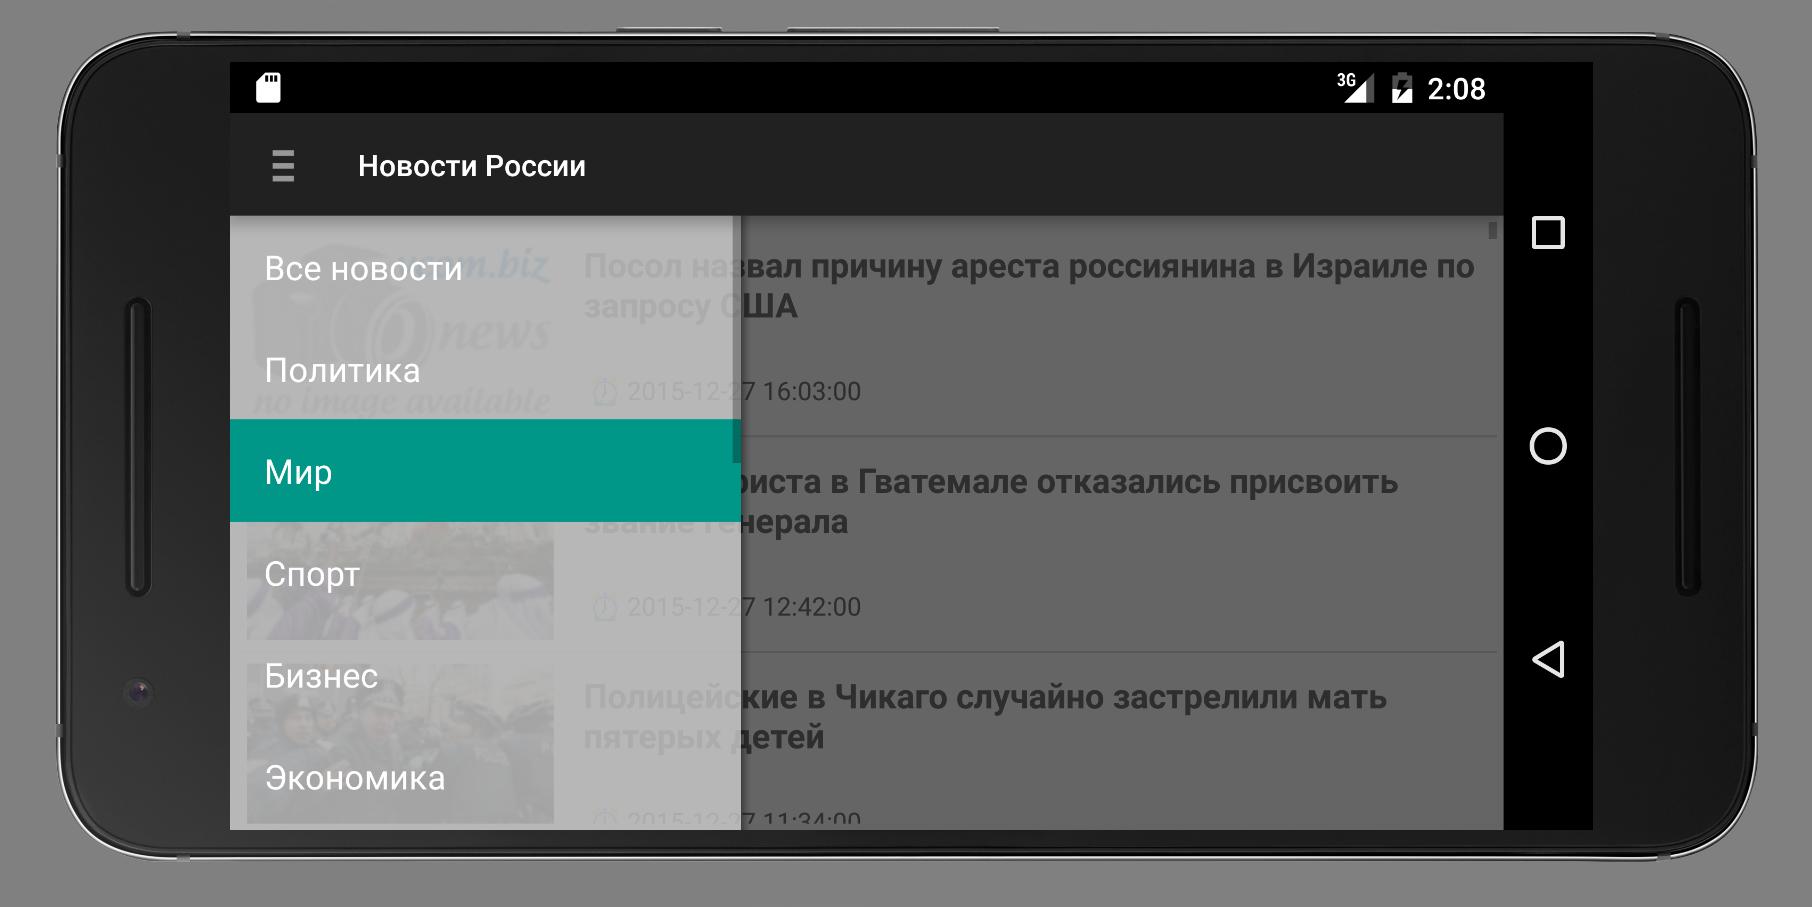 Новости для пенсионеров россии 2017